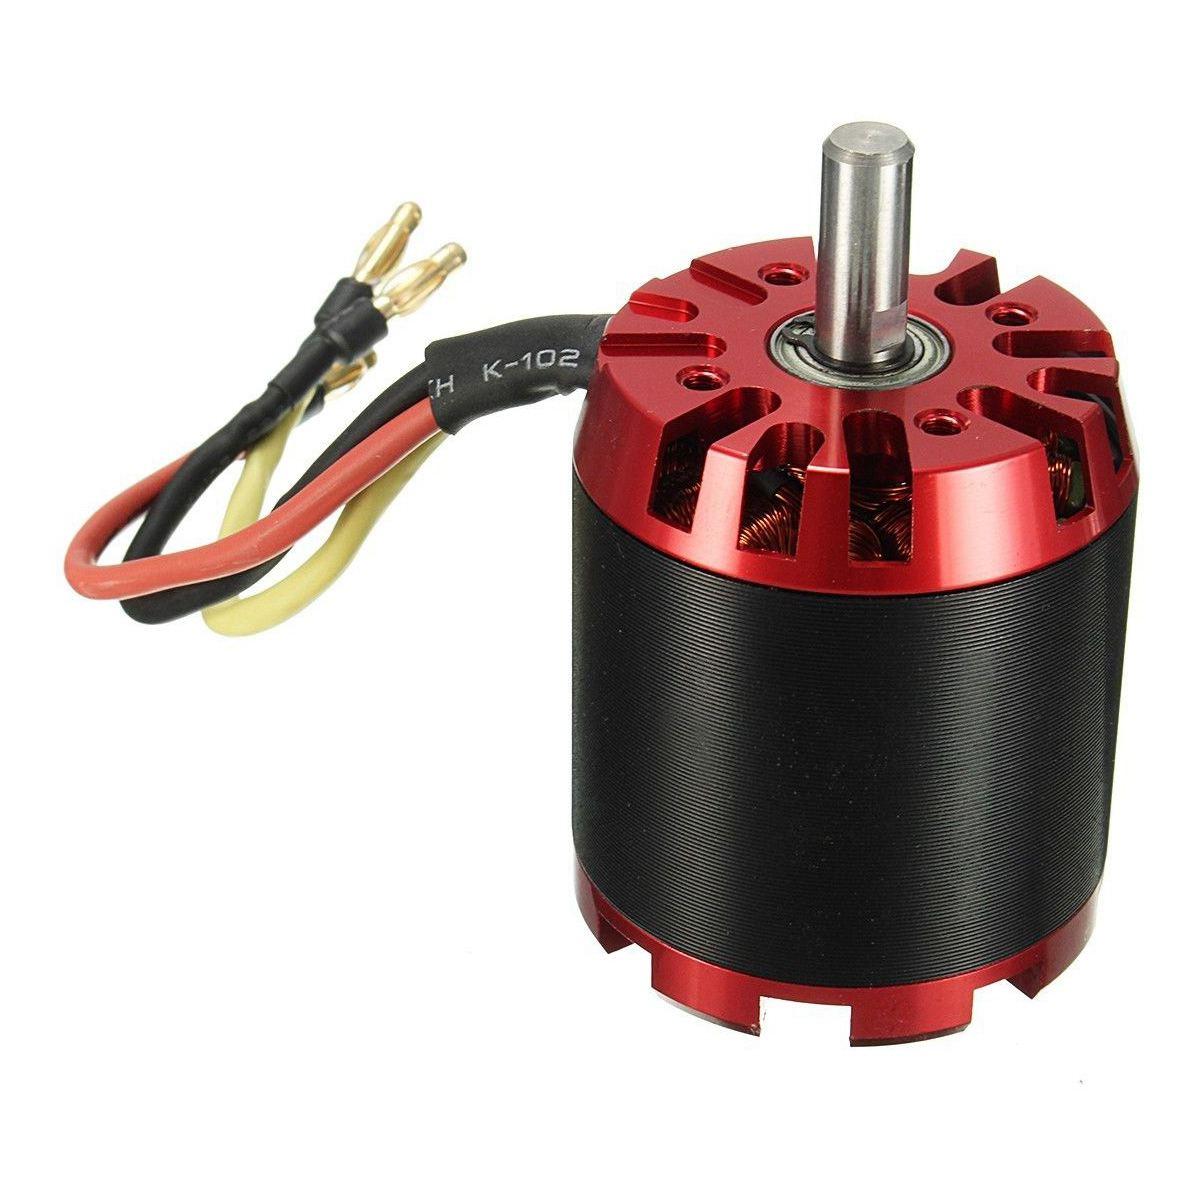 Moteur sans balais N5065 320KV pour Kit de planche à roulettes électrique bricolage